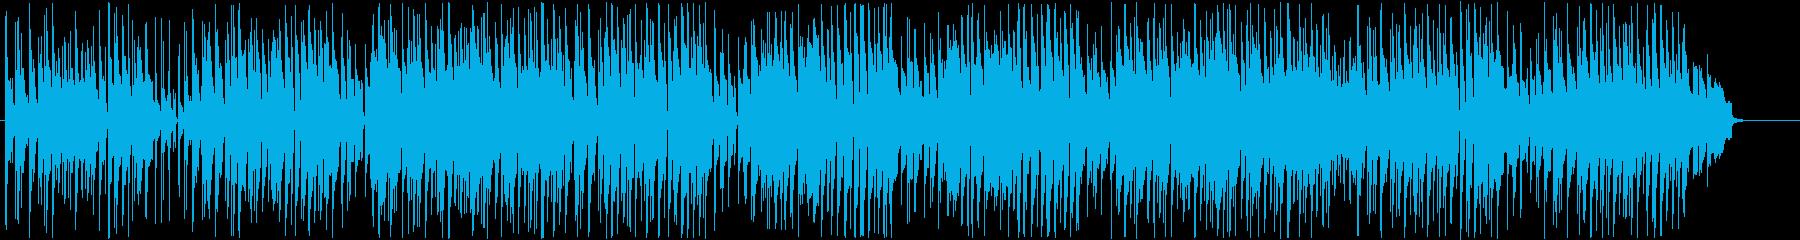 うきうき、ハッピーでポップなウクレレの再生済みの波形